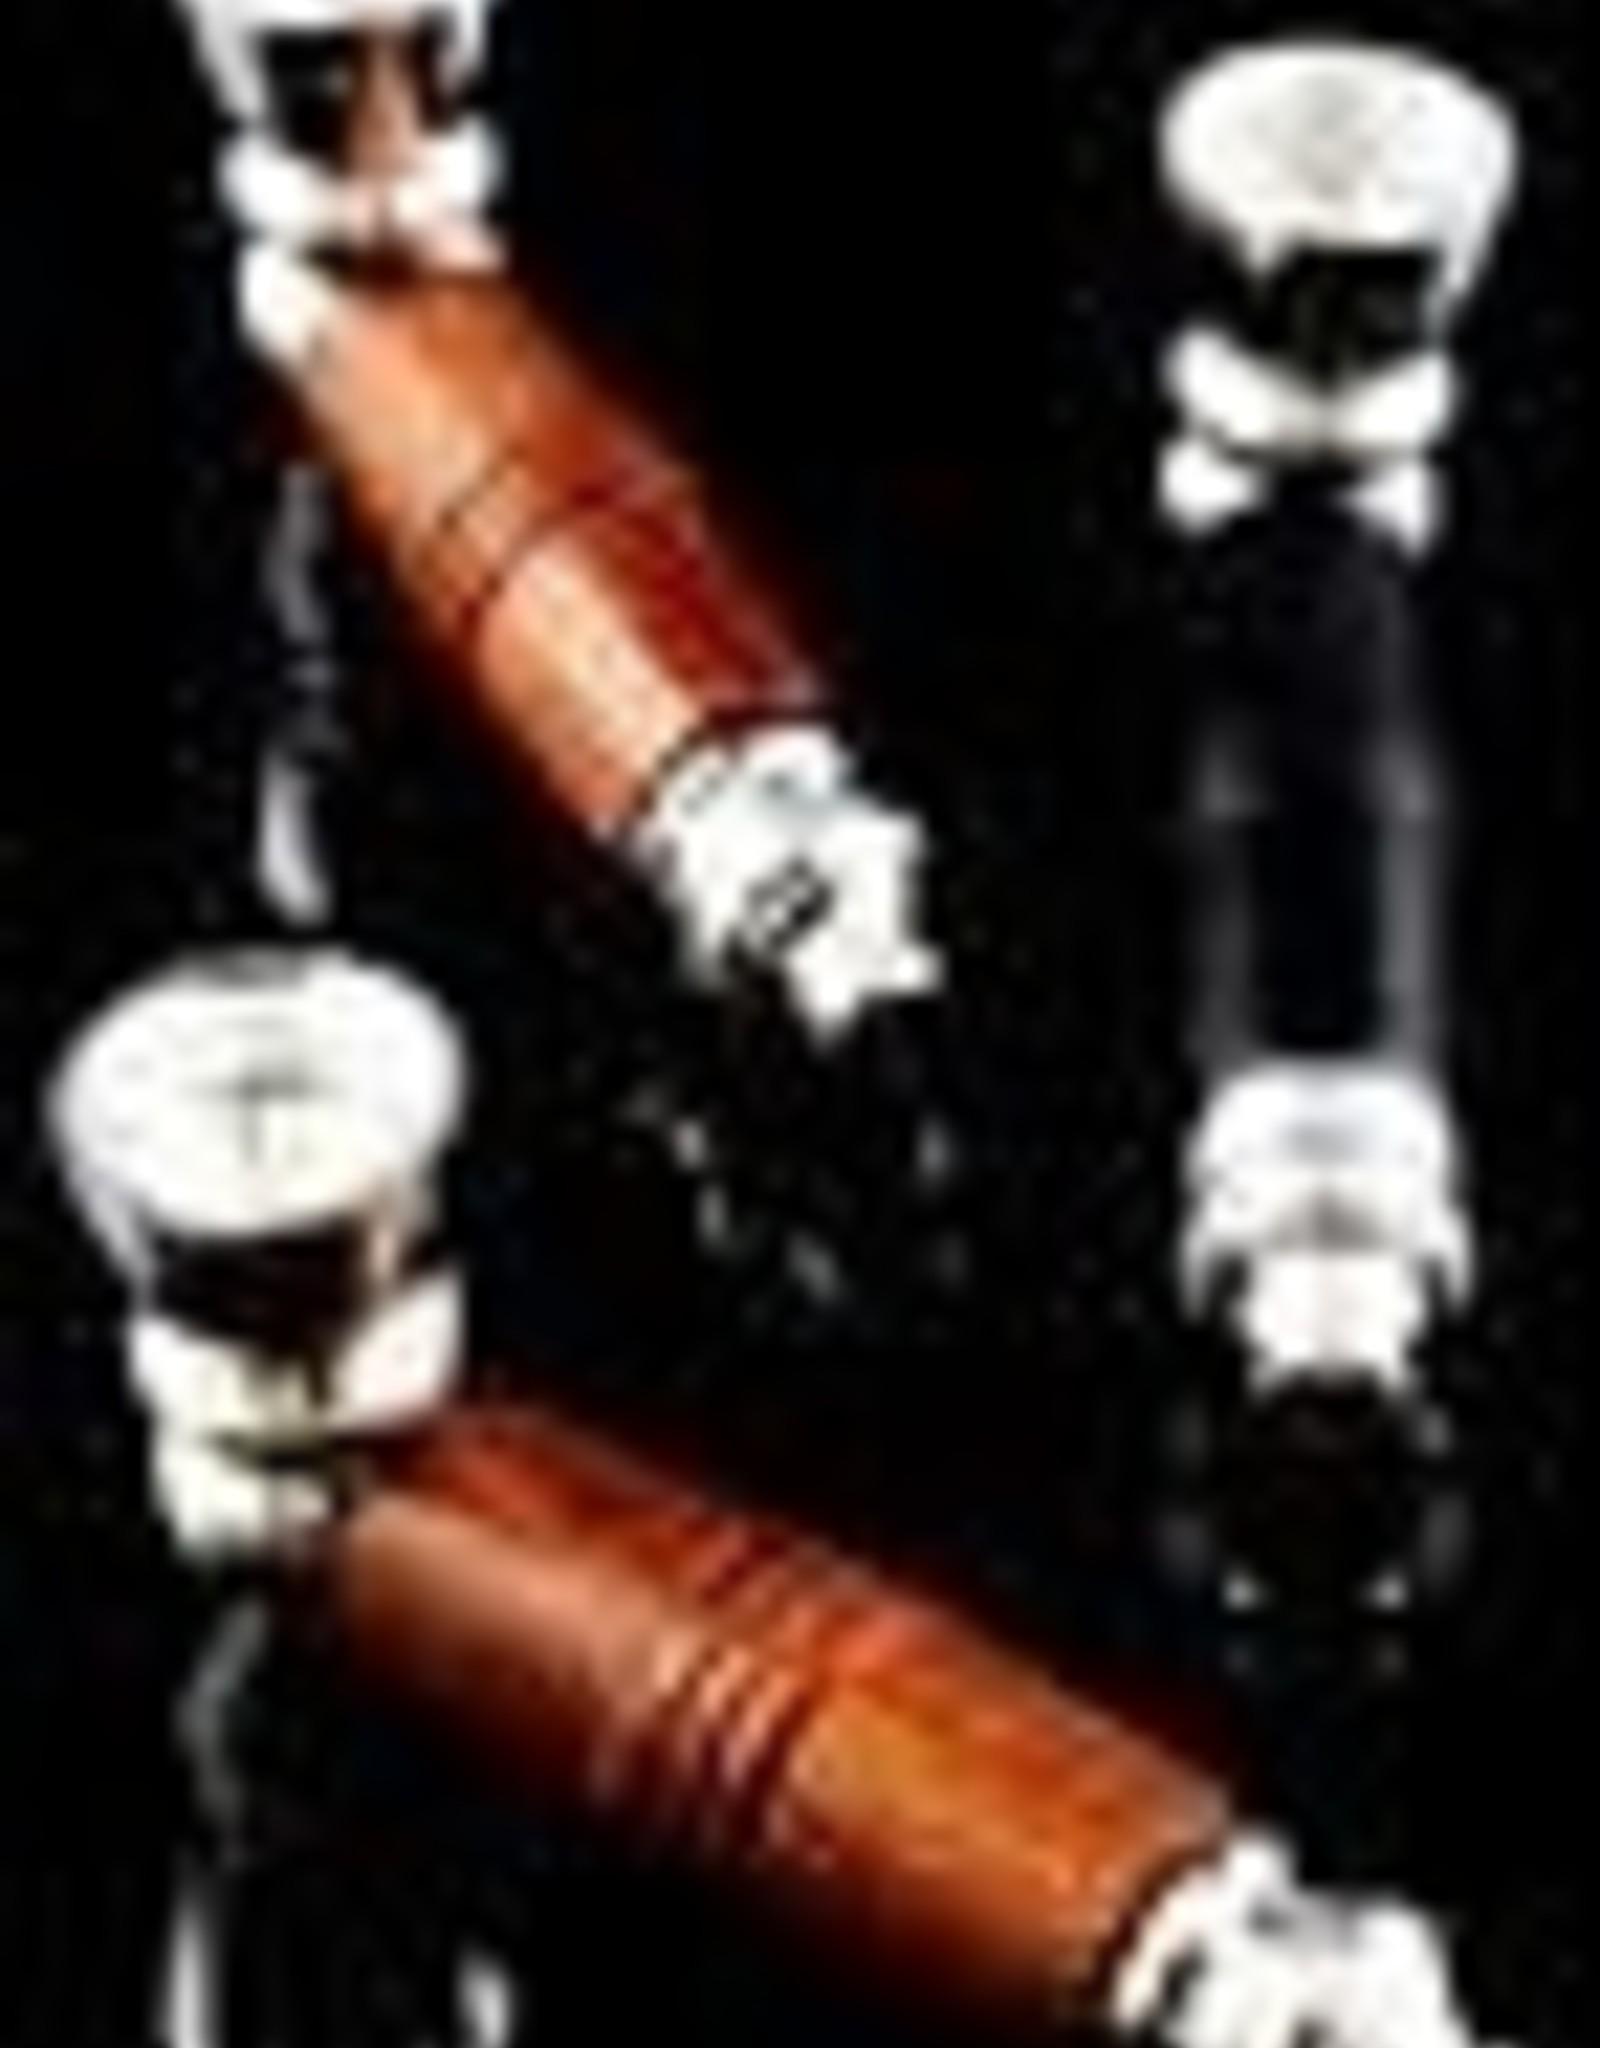 Wood Sleeve Metal Pipe